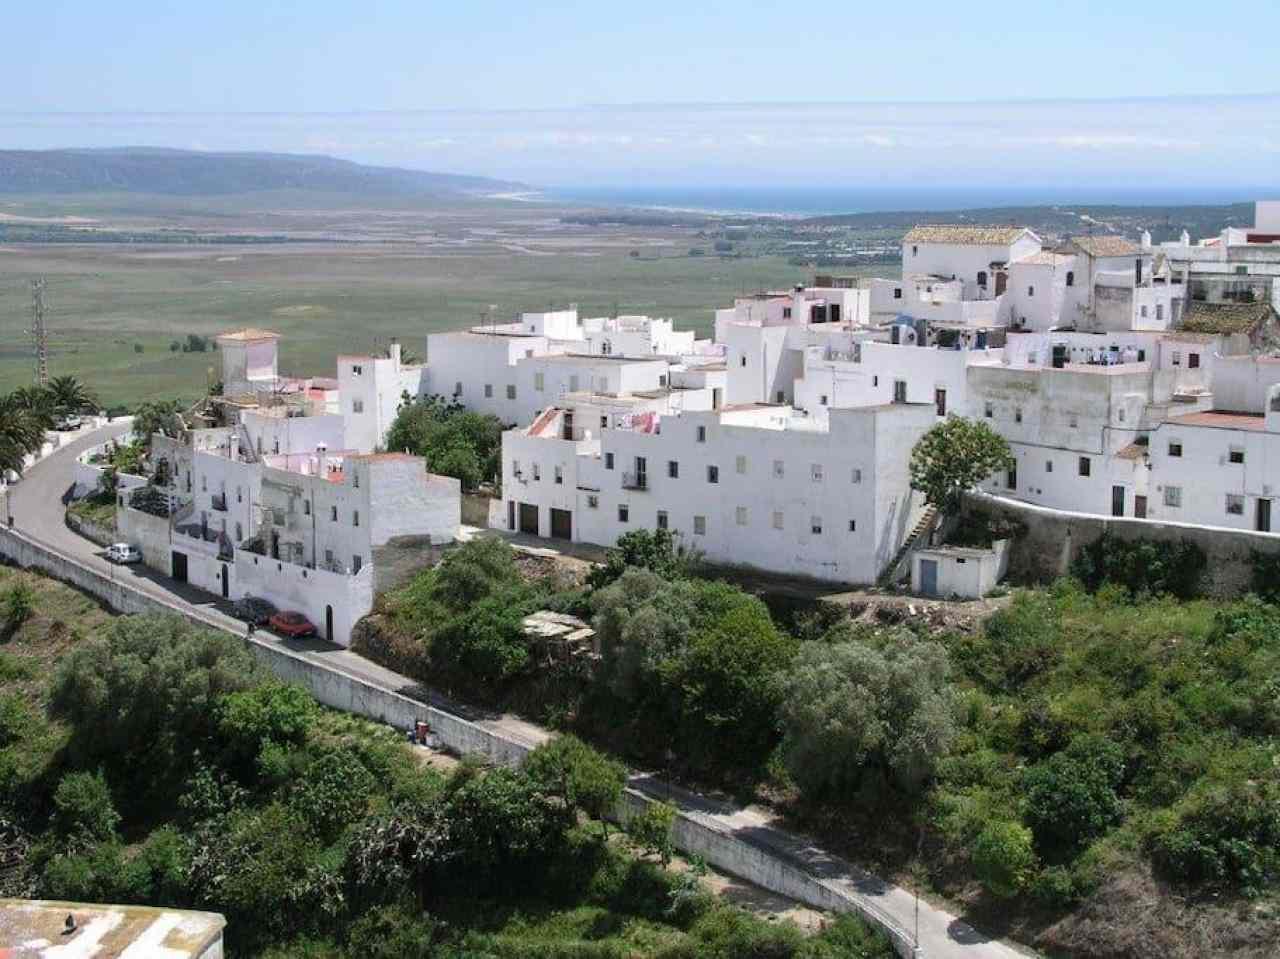 Casas vacacionales Vejer de la Frontera, Cádiz